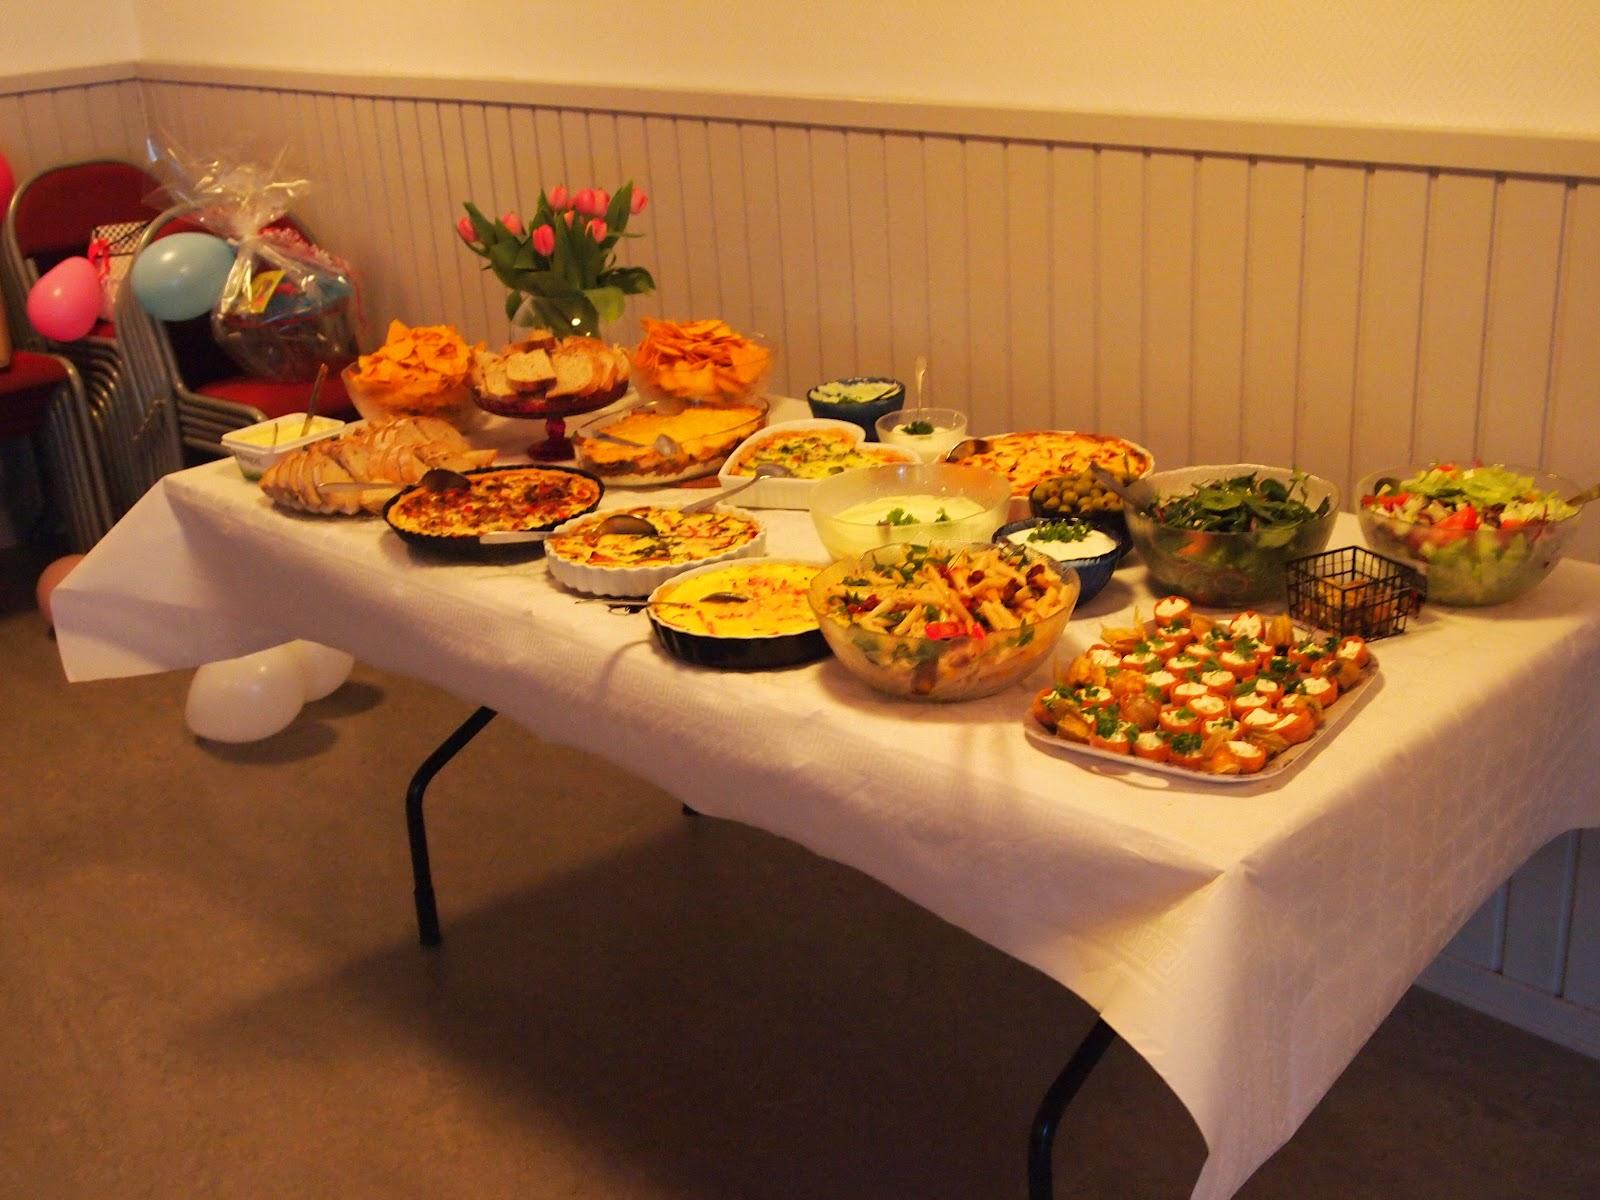 25 års fest mat MinaVingar: 25års fest, tema ROSA och PRINSESS 25 års fest mat